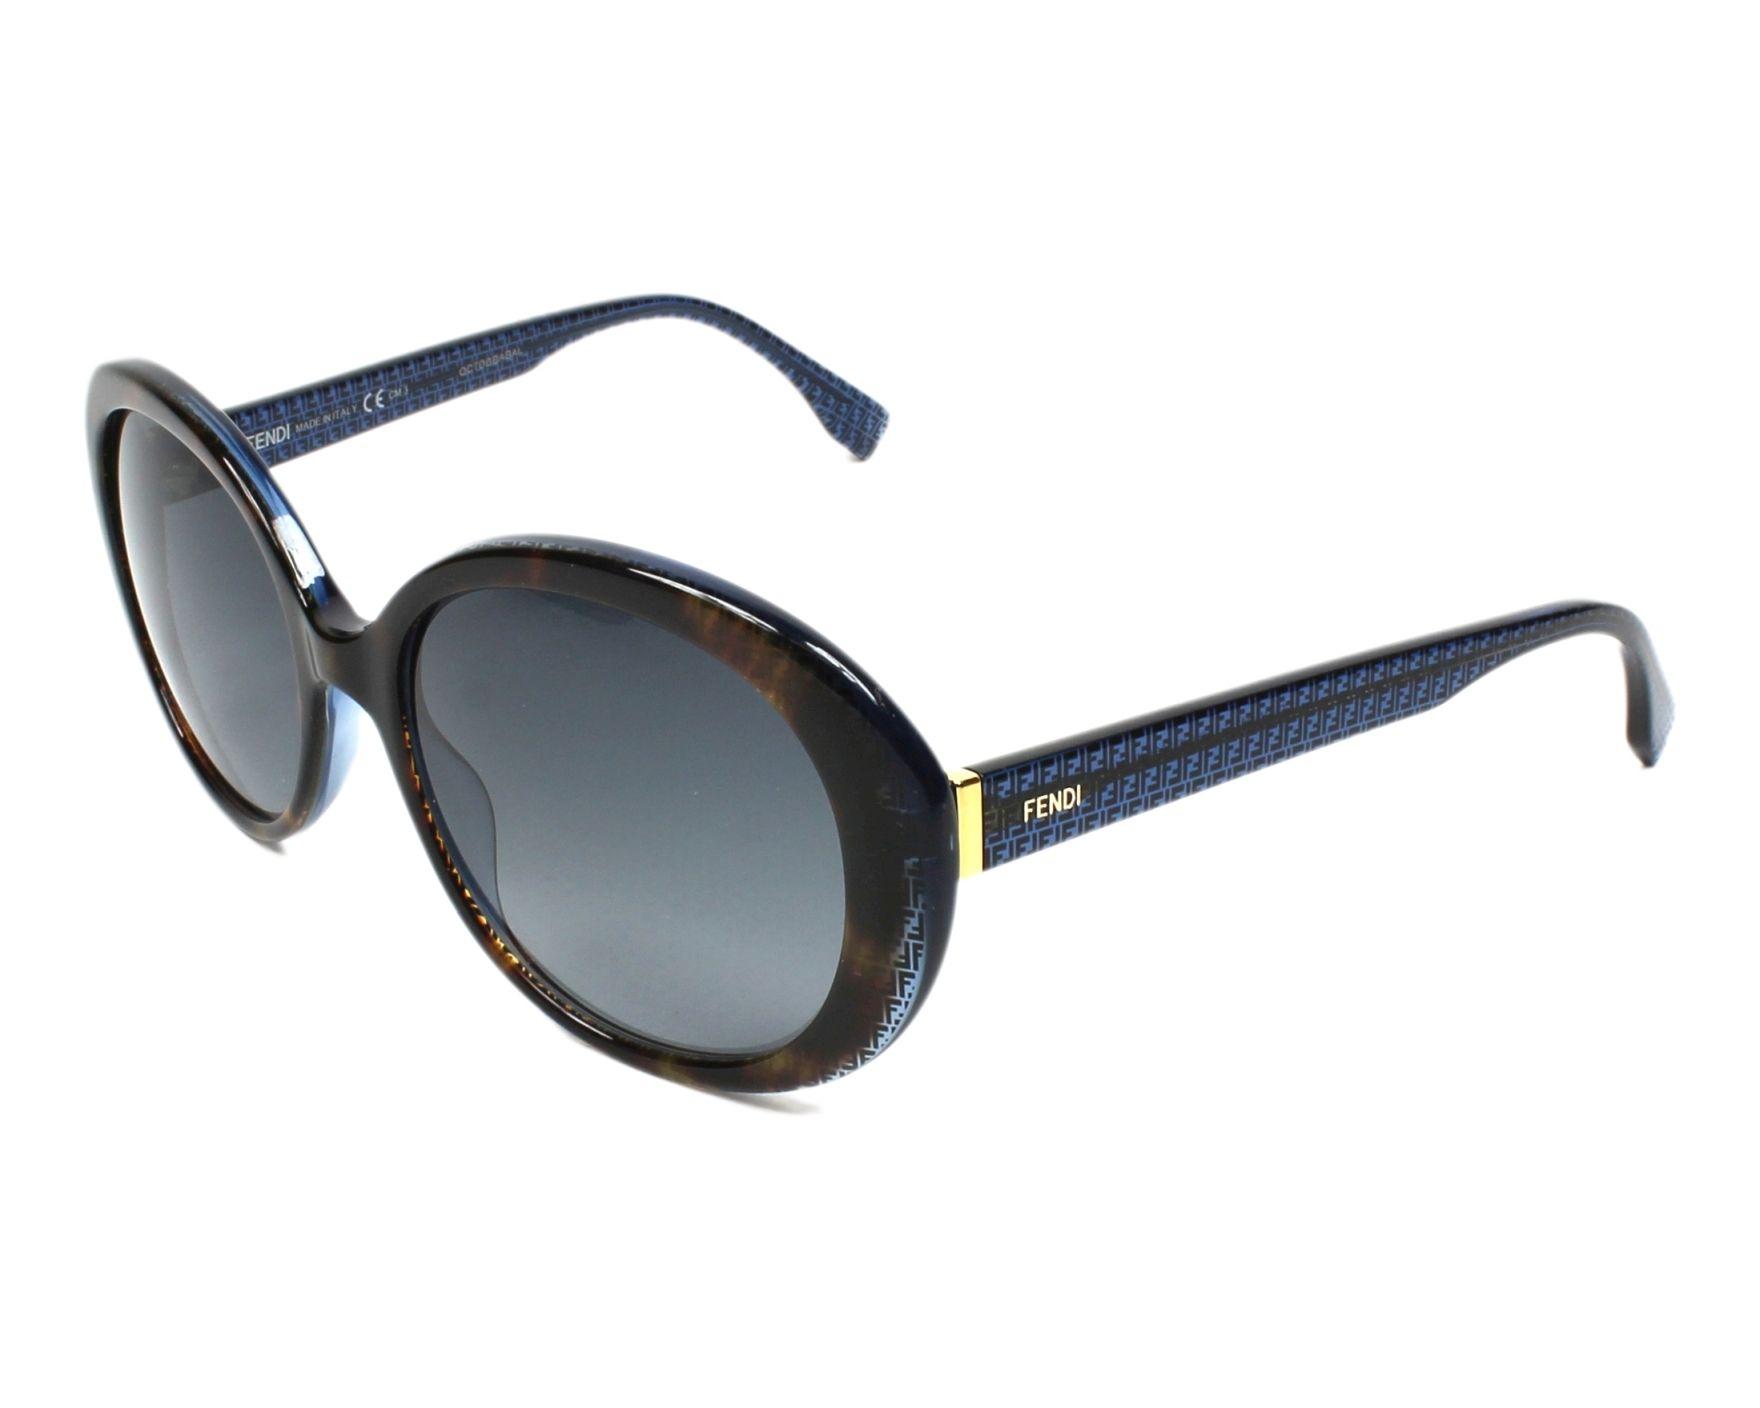 98b8ad3274 Gafas de sol Fendi FF-0001-S 7OYHD - Havana Azul vista de perfil